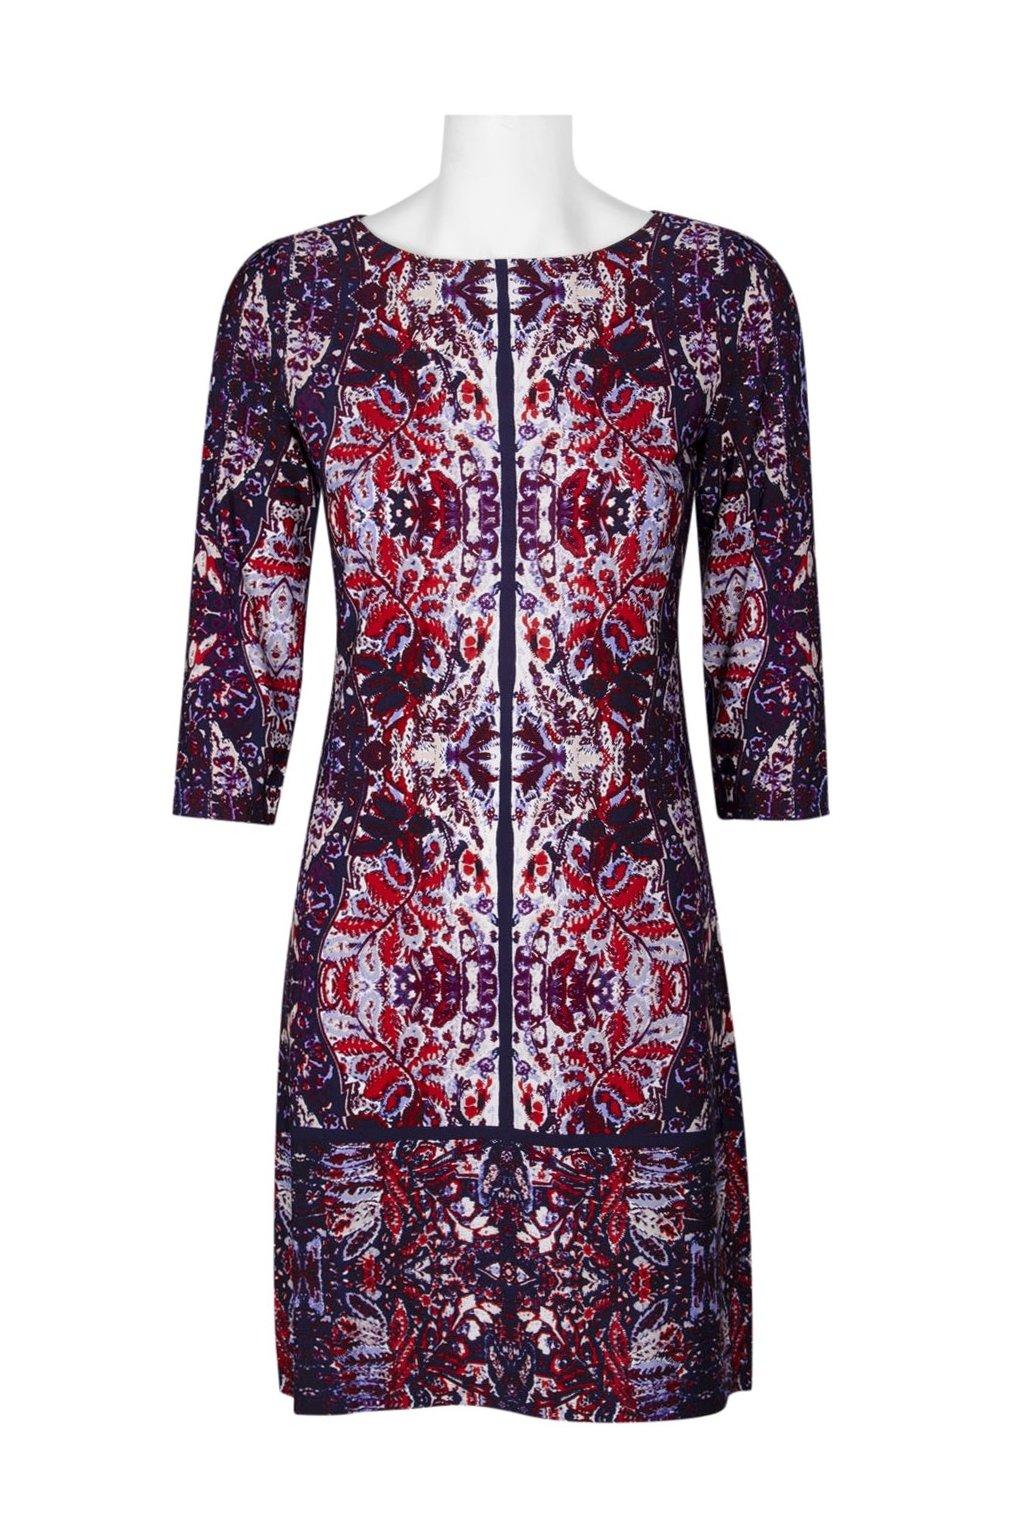 Letní barevné šaty Anastazia 1